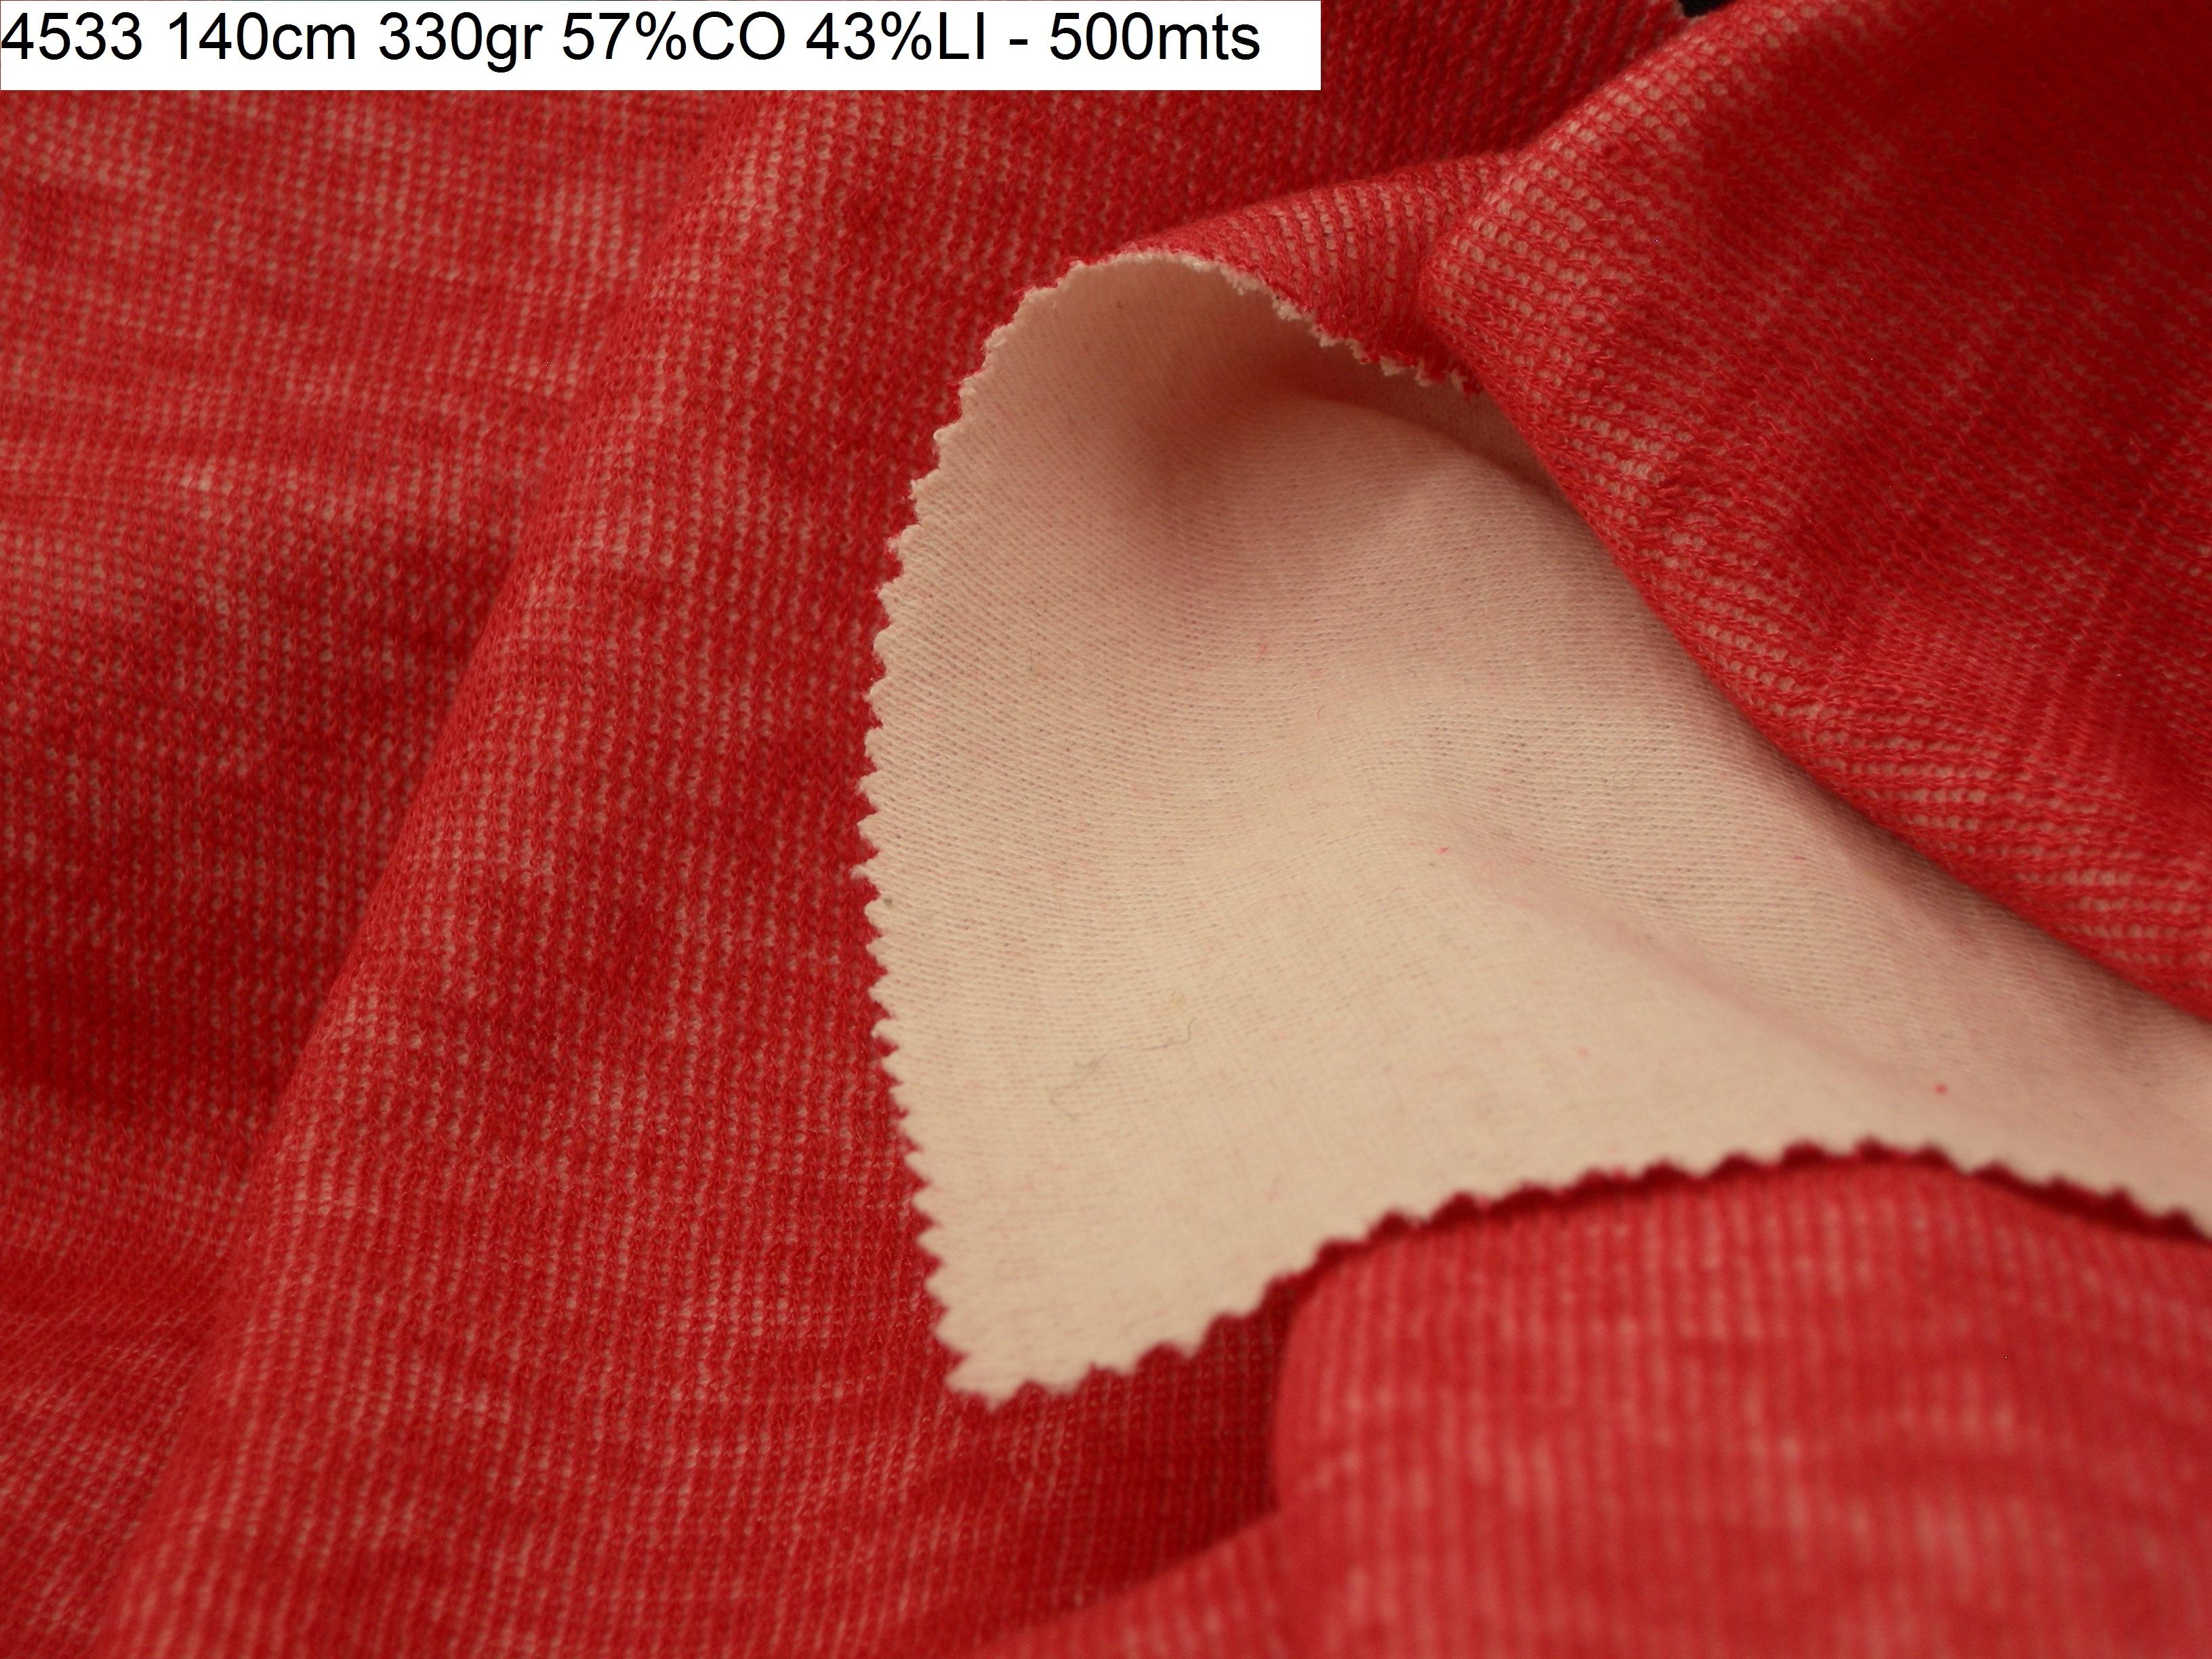 4533 knit linen doubleface jacket fashion fabric